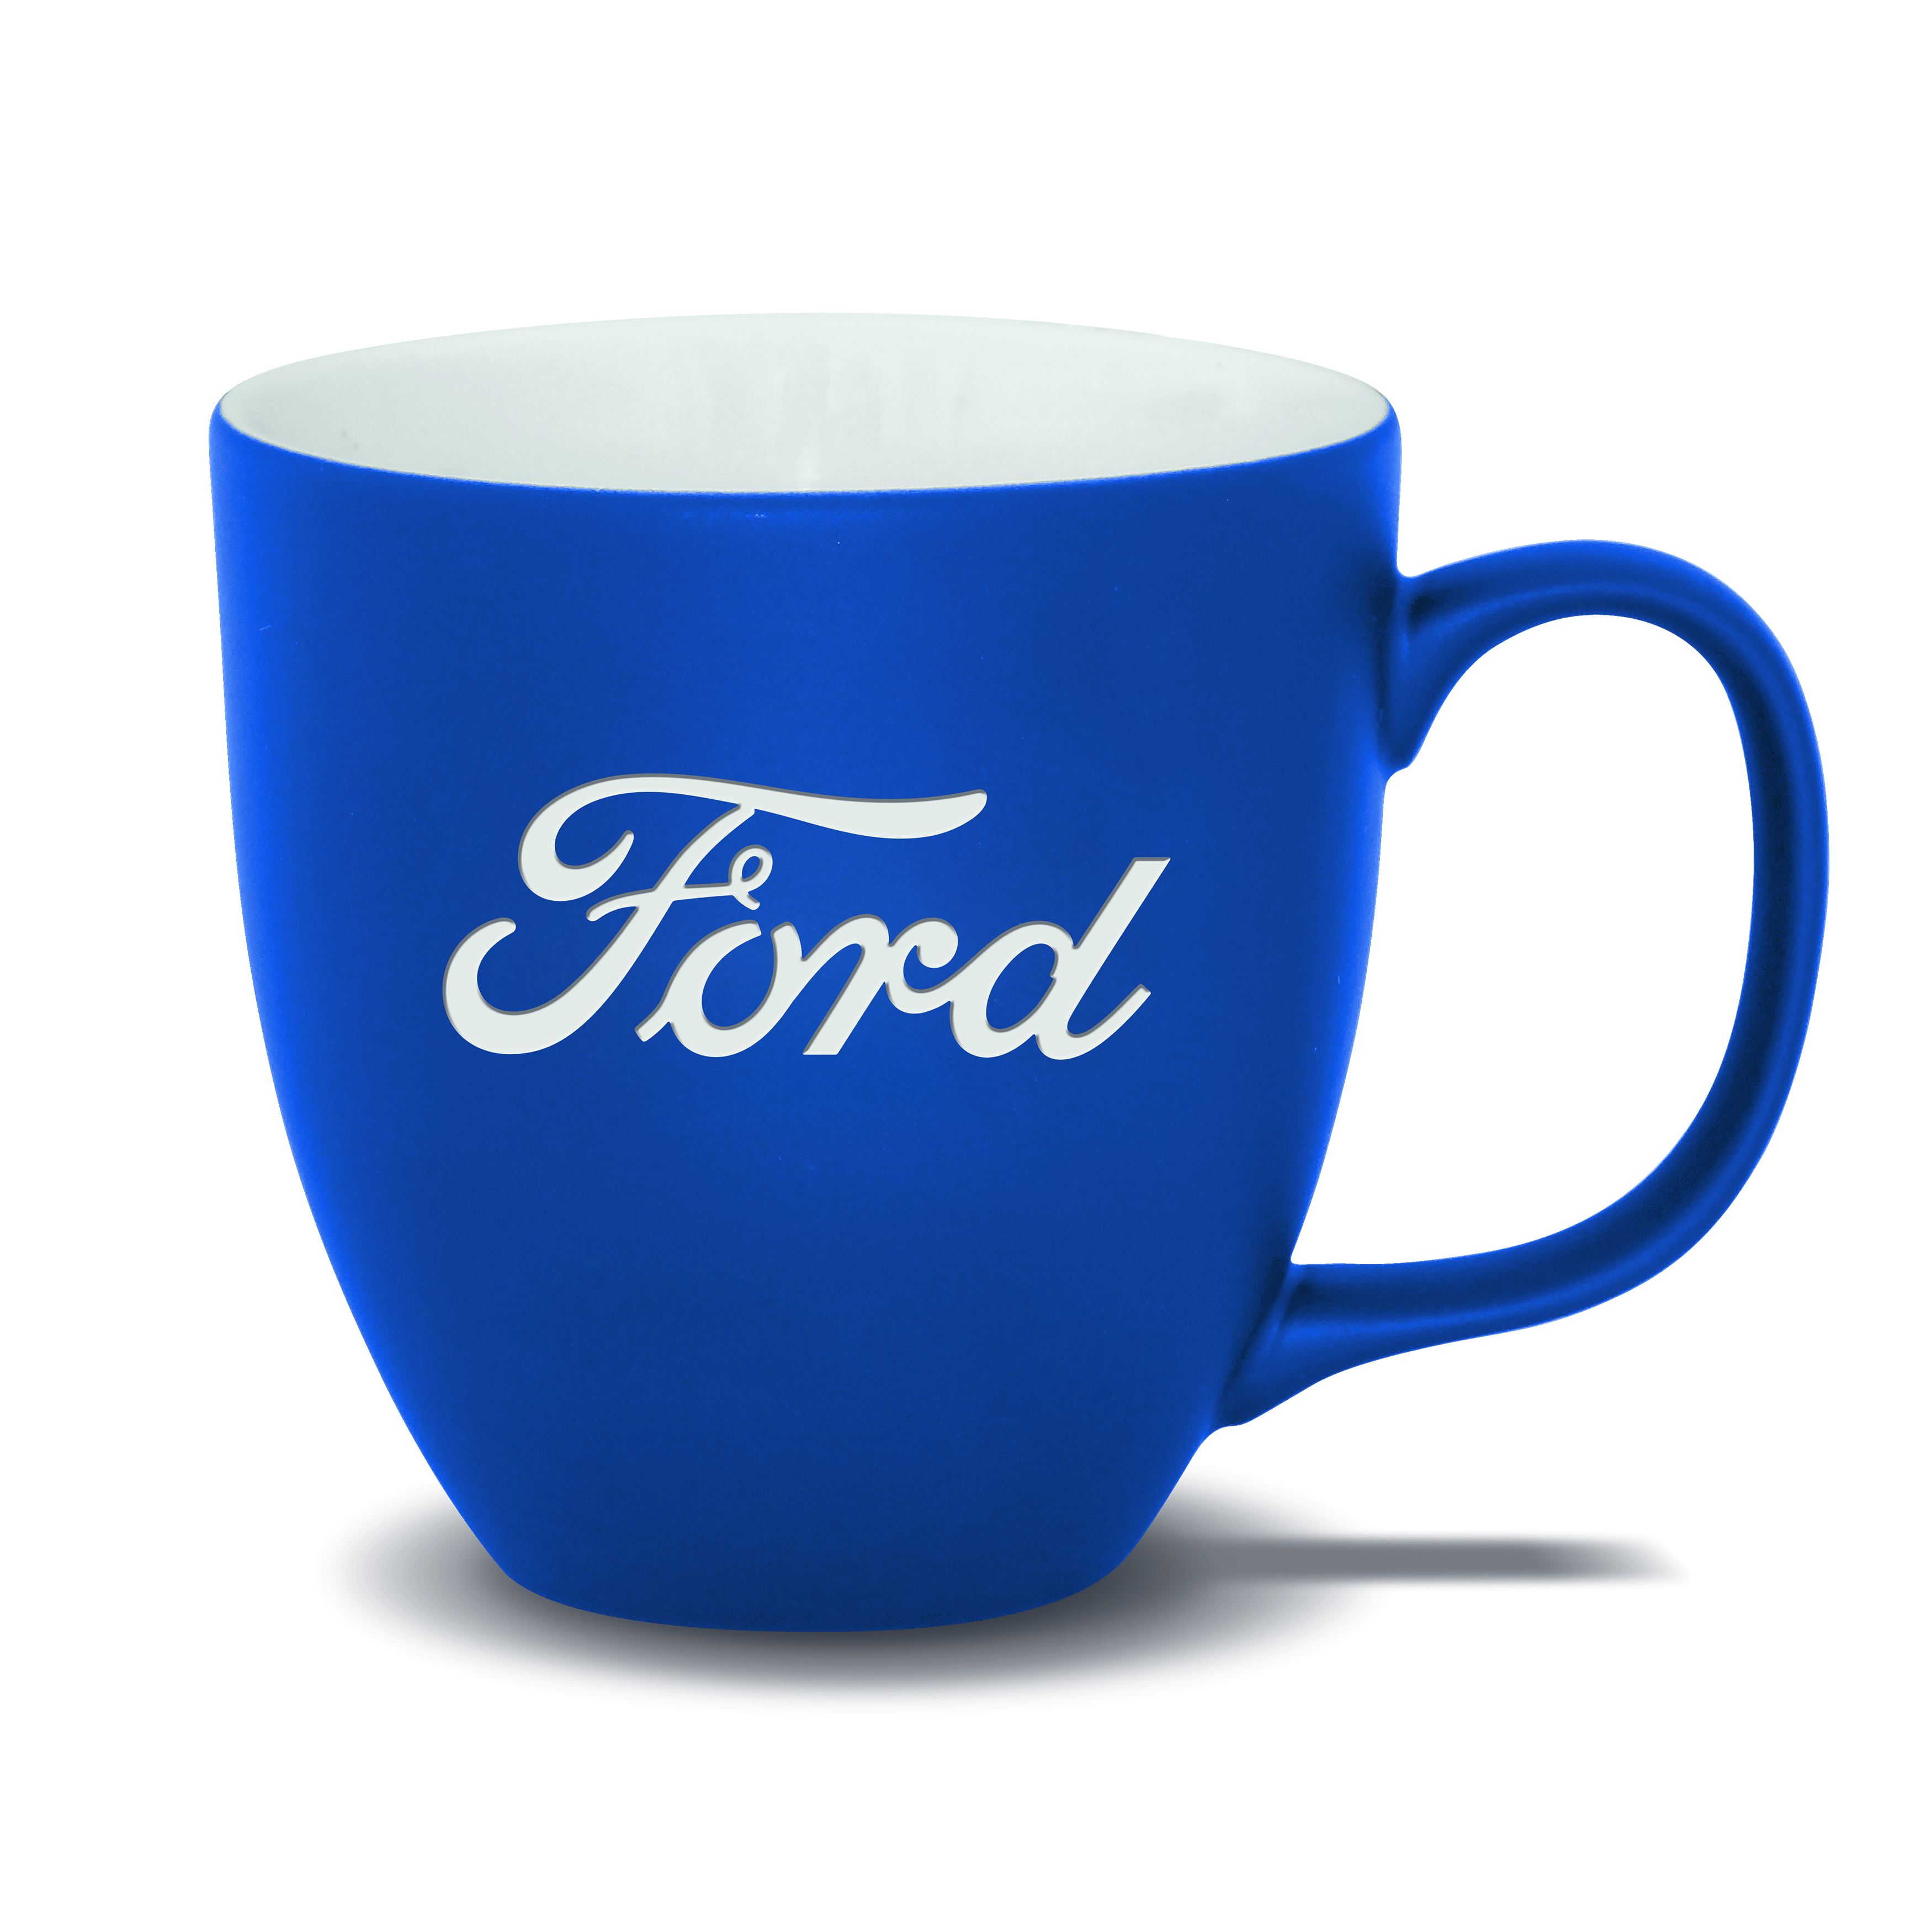 1x Ford Tasse blau 35010600